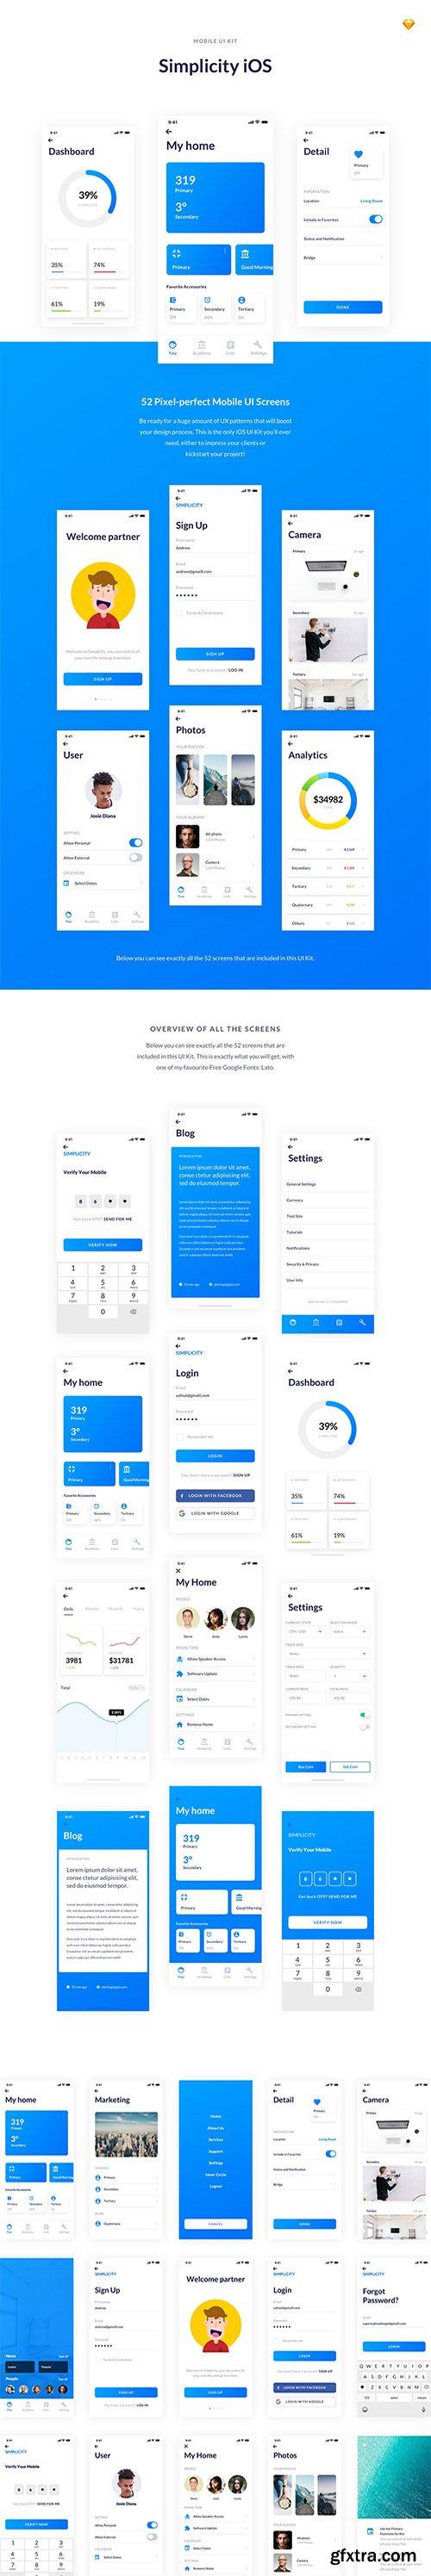 Simplicity iOS